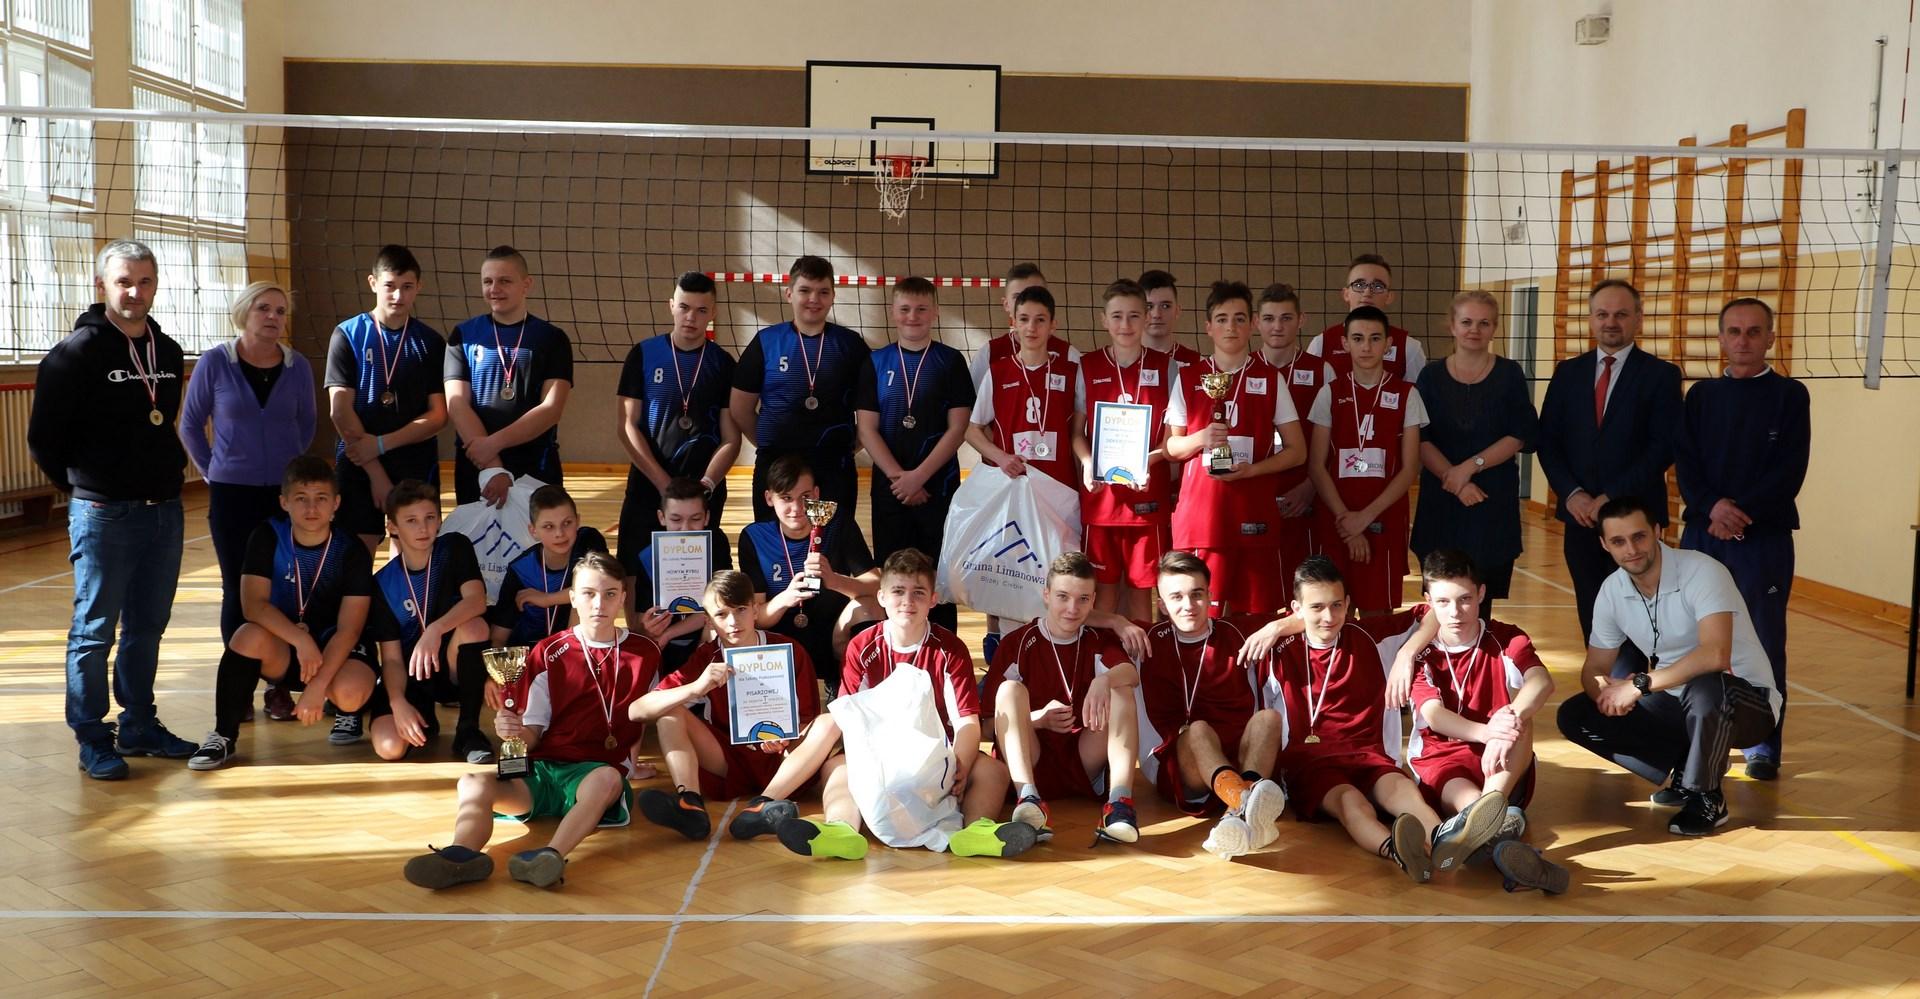 Znani mistrzowie gminy w Piłce Siatkowej Chłopców  - Kat. Igrzyska Młodzieży Szkolnej - zdjęcie główne